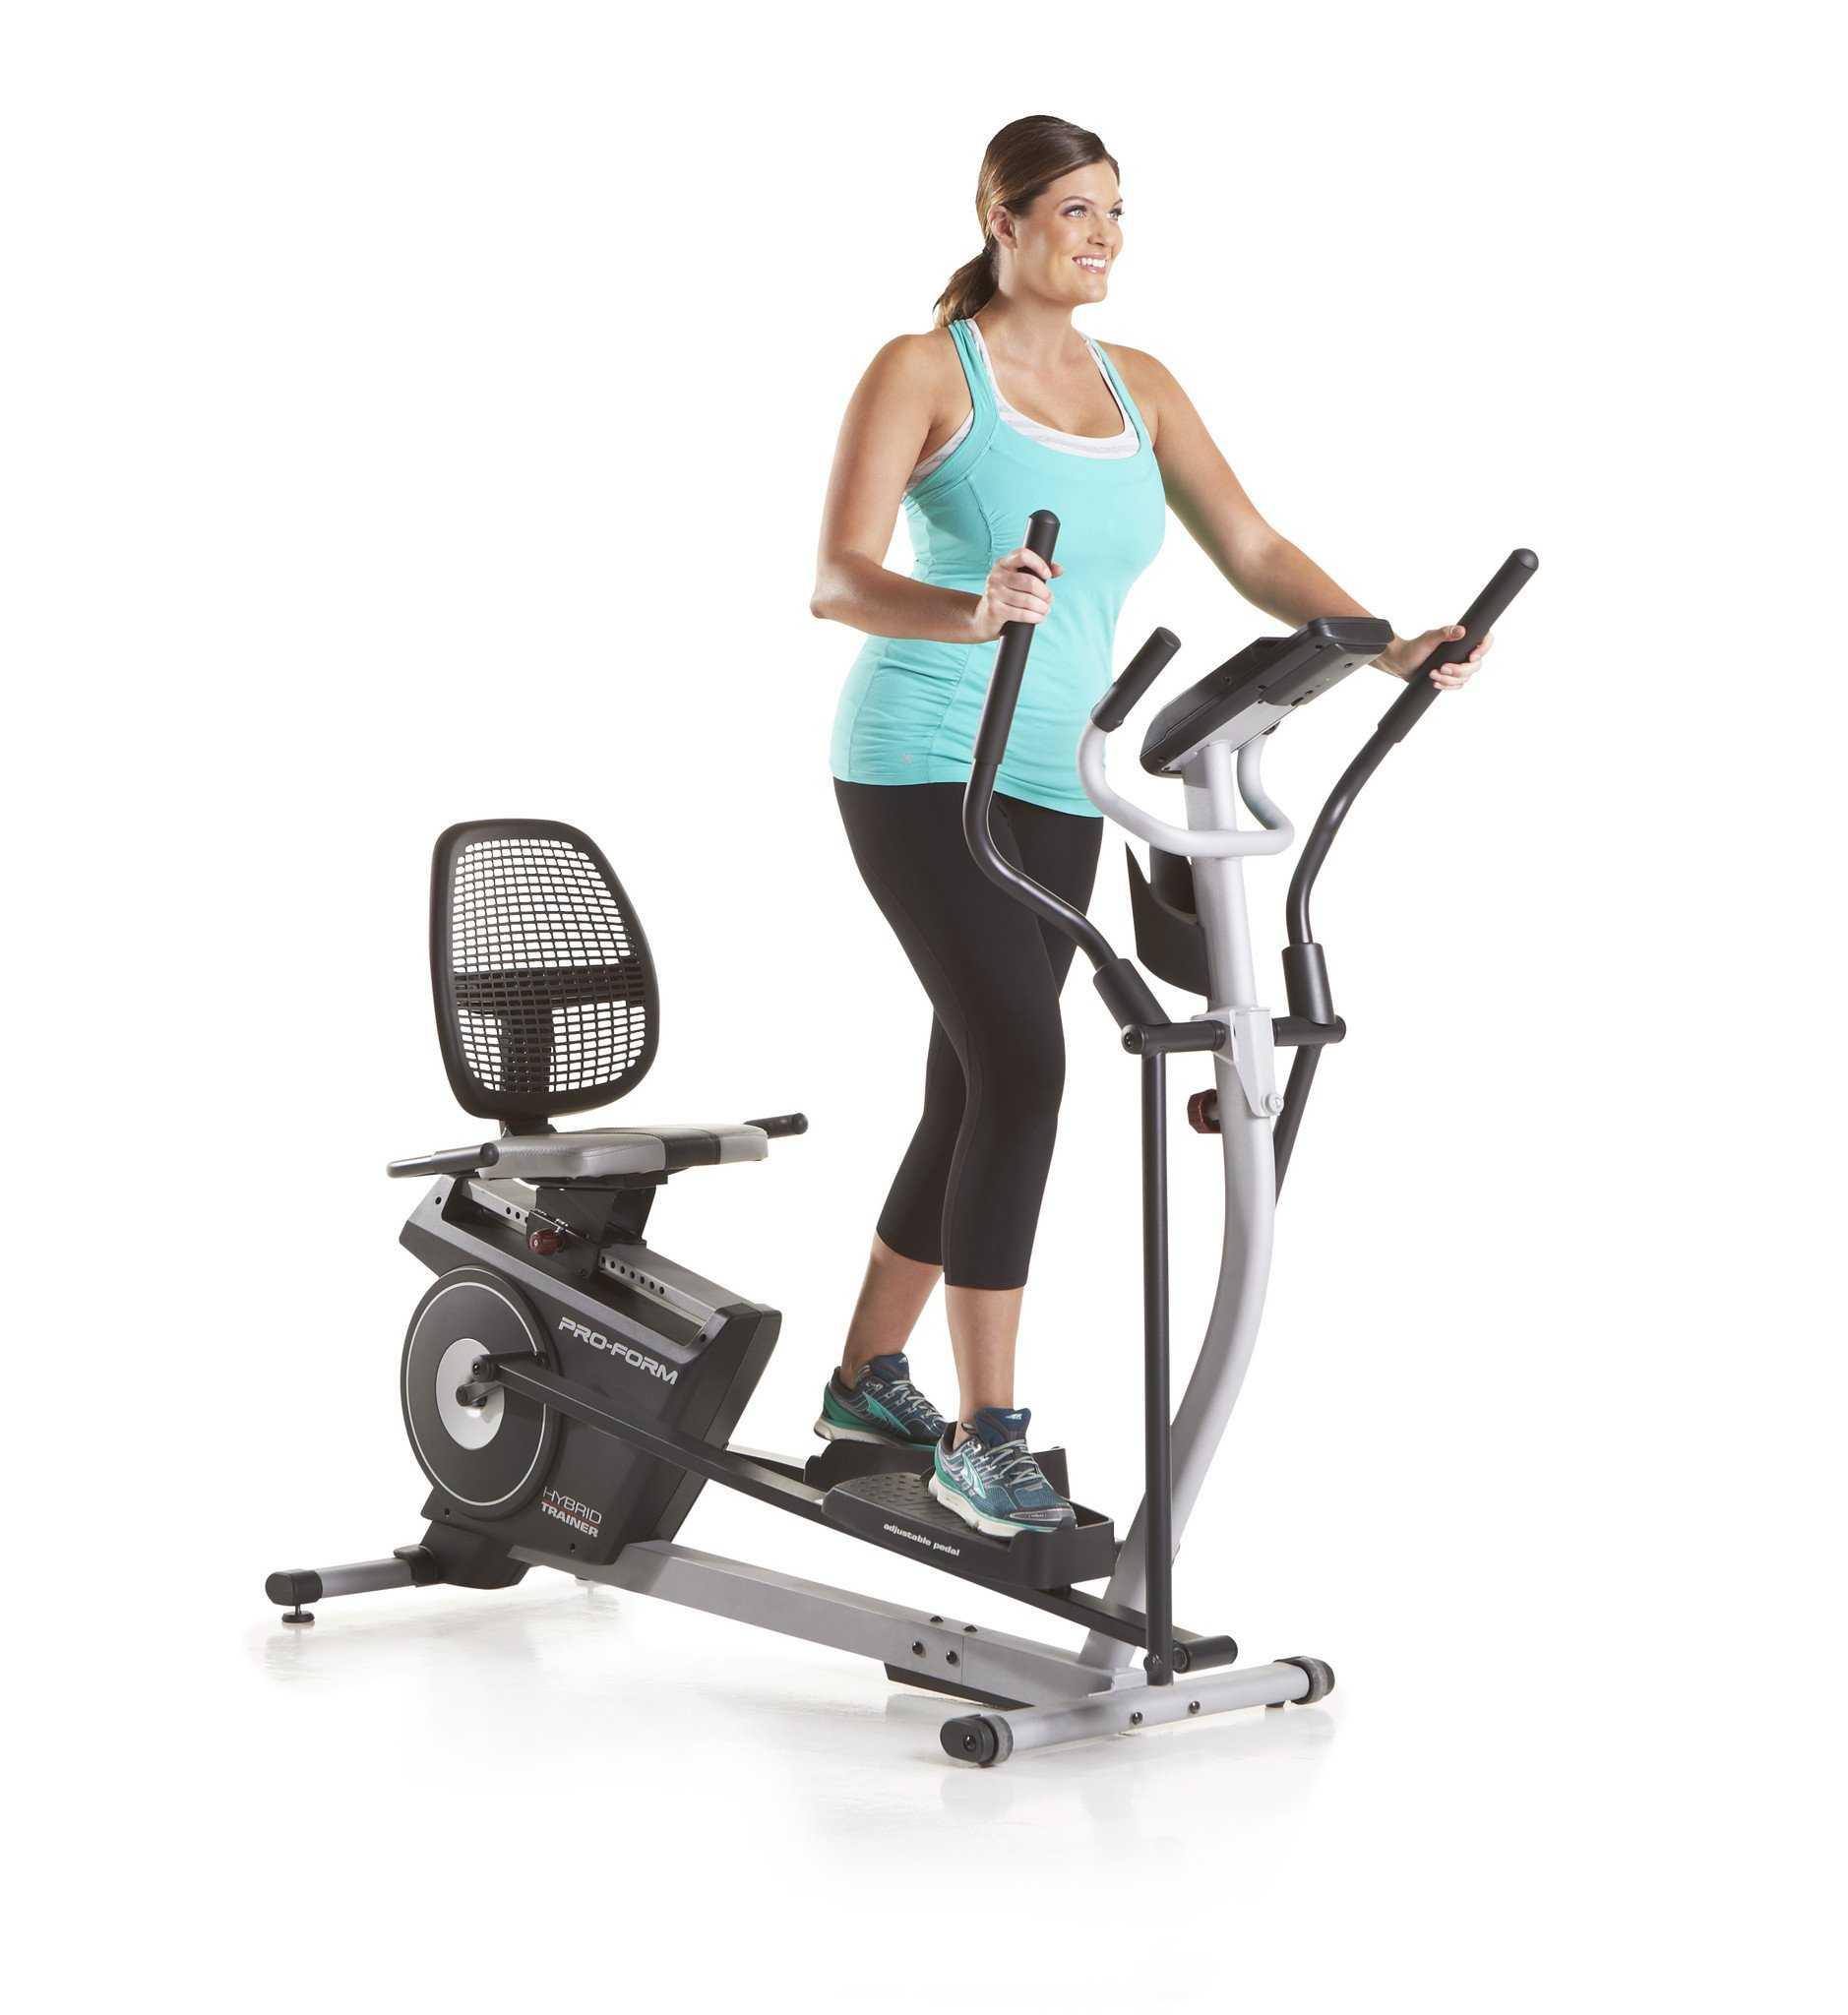 Что лучше: беговая дорожка или эллиптический тренажер для похудения, как правильно заниматься на них и какие упражнения подойдут для программы тренировок начинающим